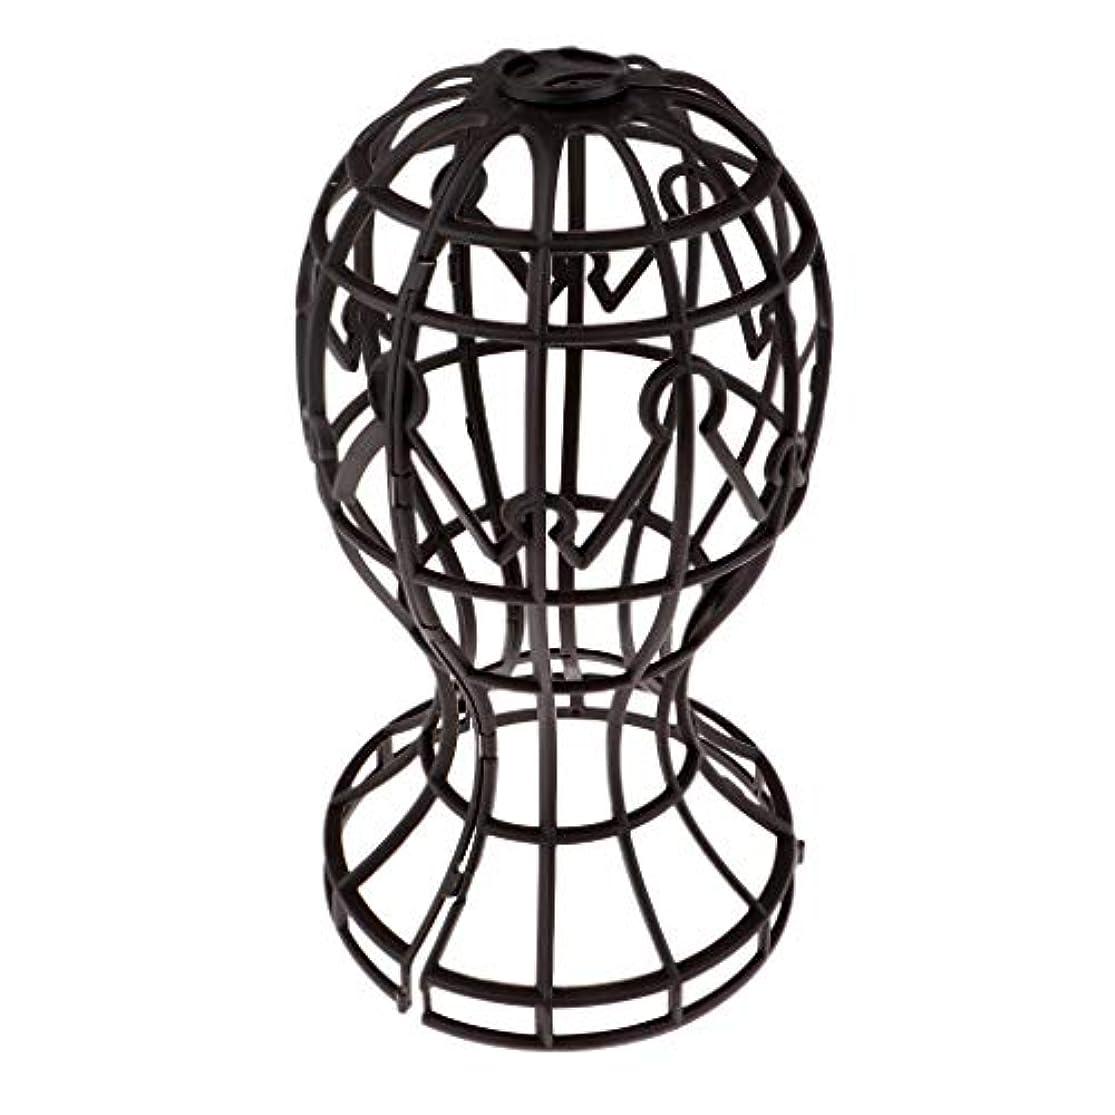 バスト花婿資格情報Sharplace かつらホルダー 髪型スタンド ウィッグスタンド 省スペース 帽子 ディスプレイ 高さ約31cm - ブラウン